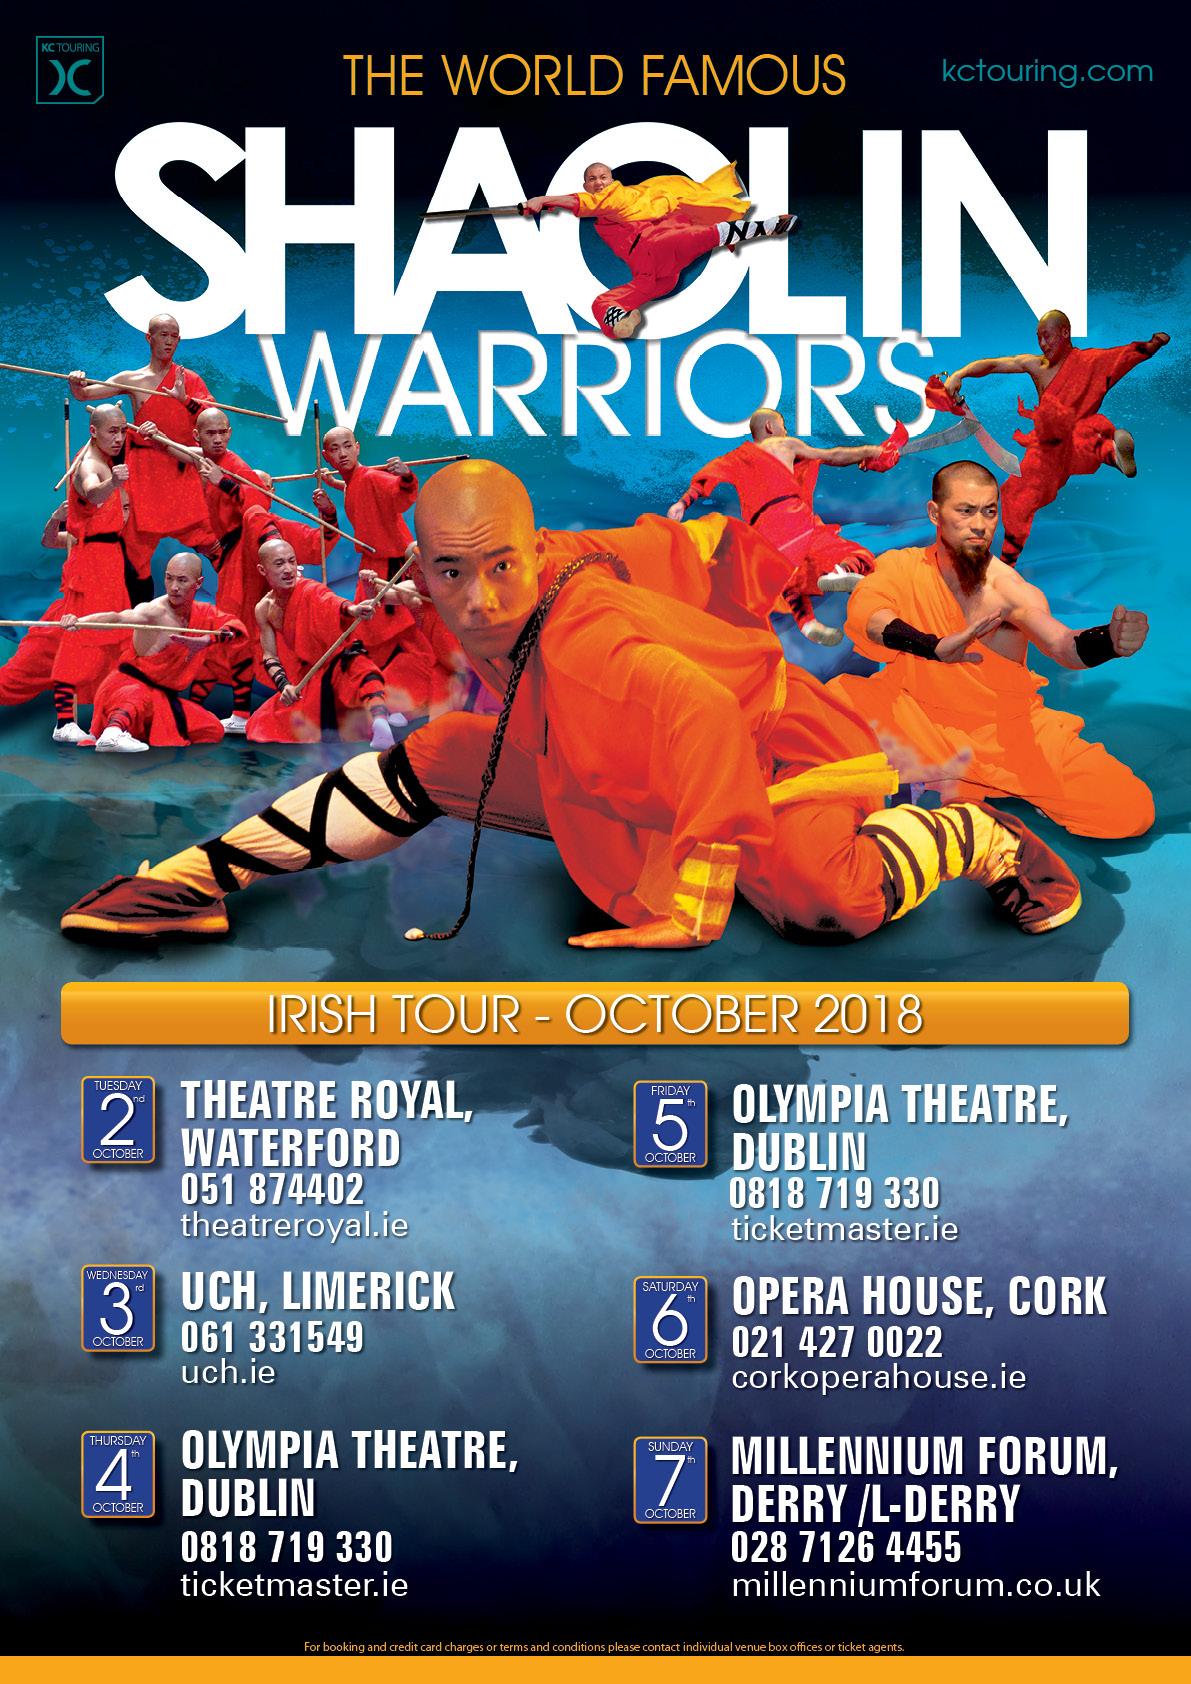 Shaolin tour Ireland 2018 - All Dates A2.jpg